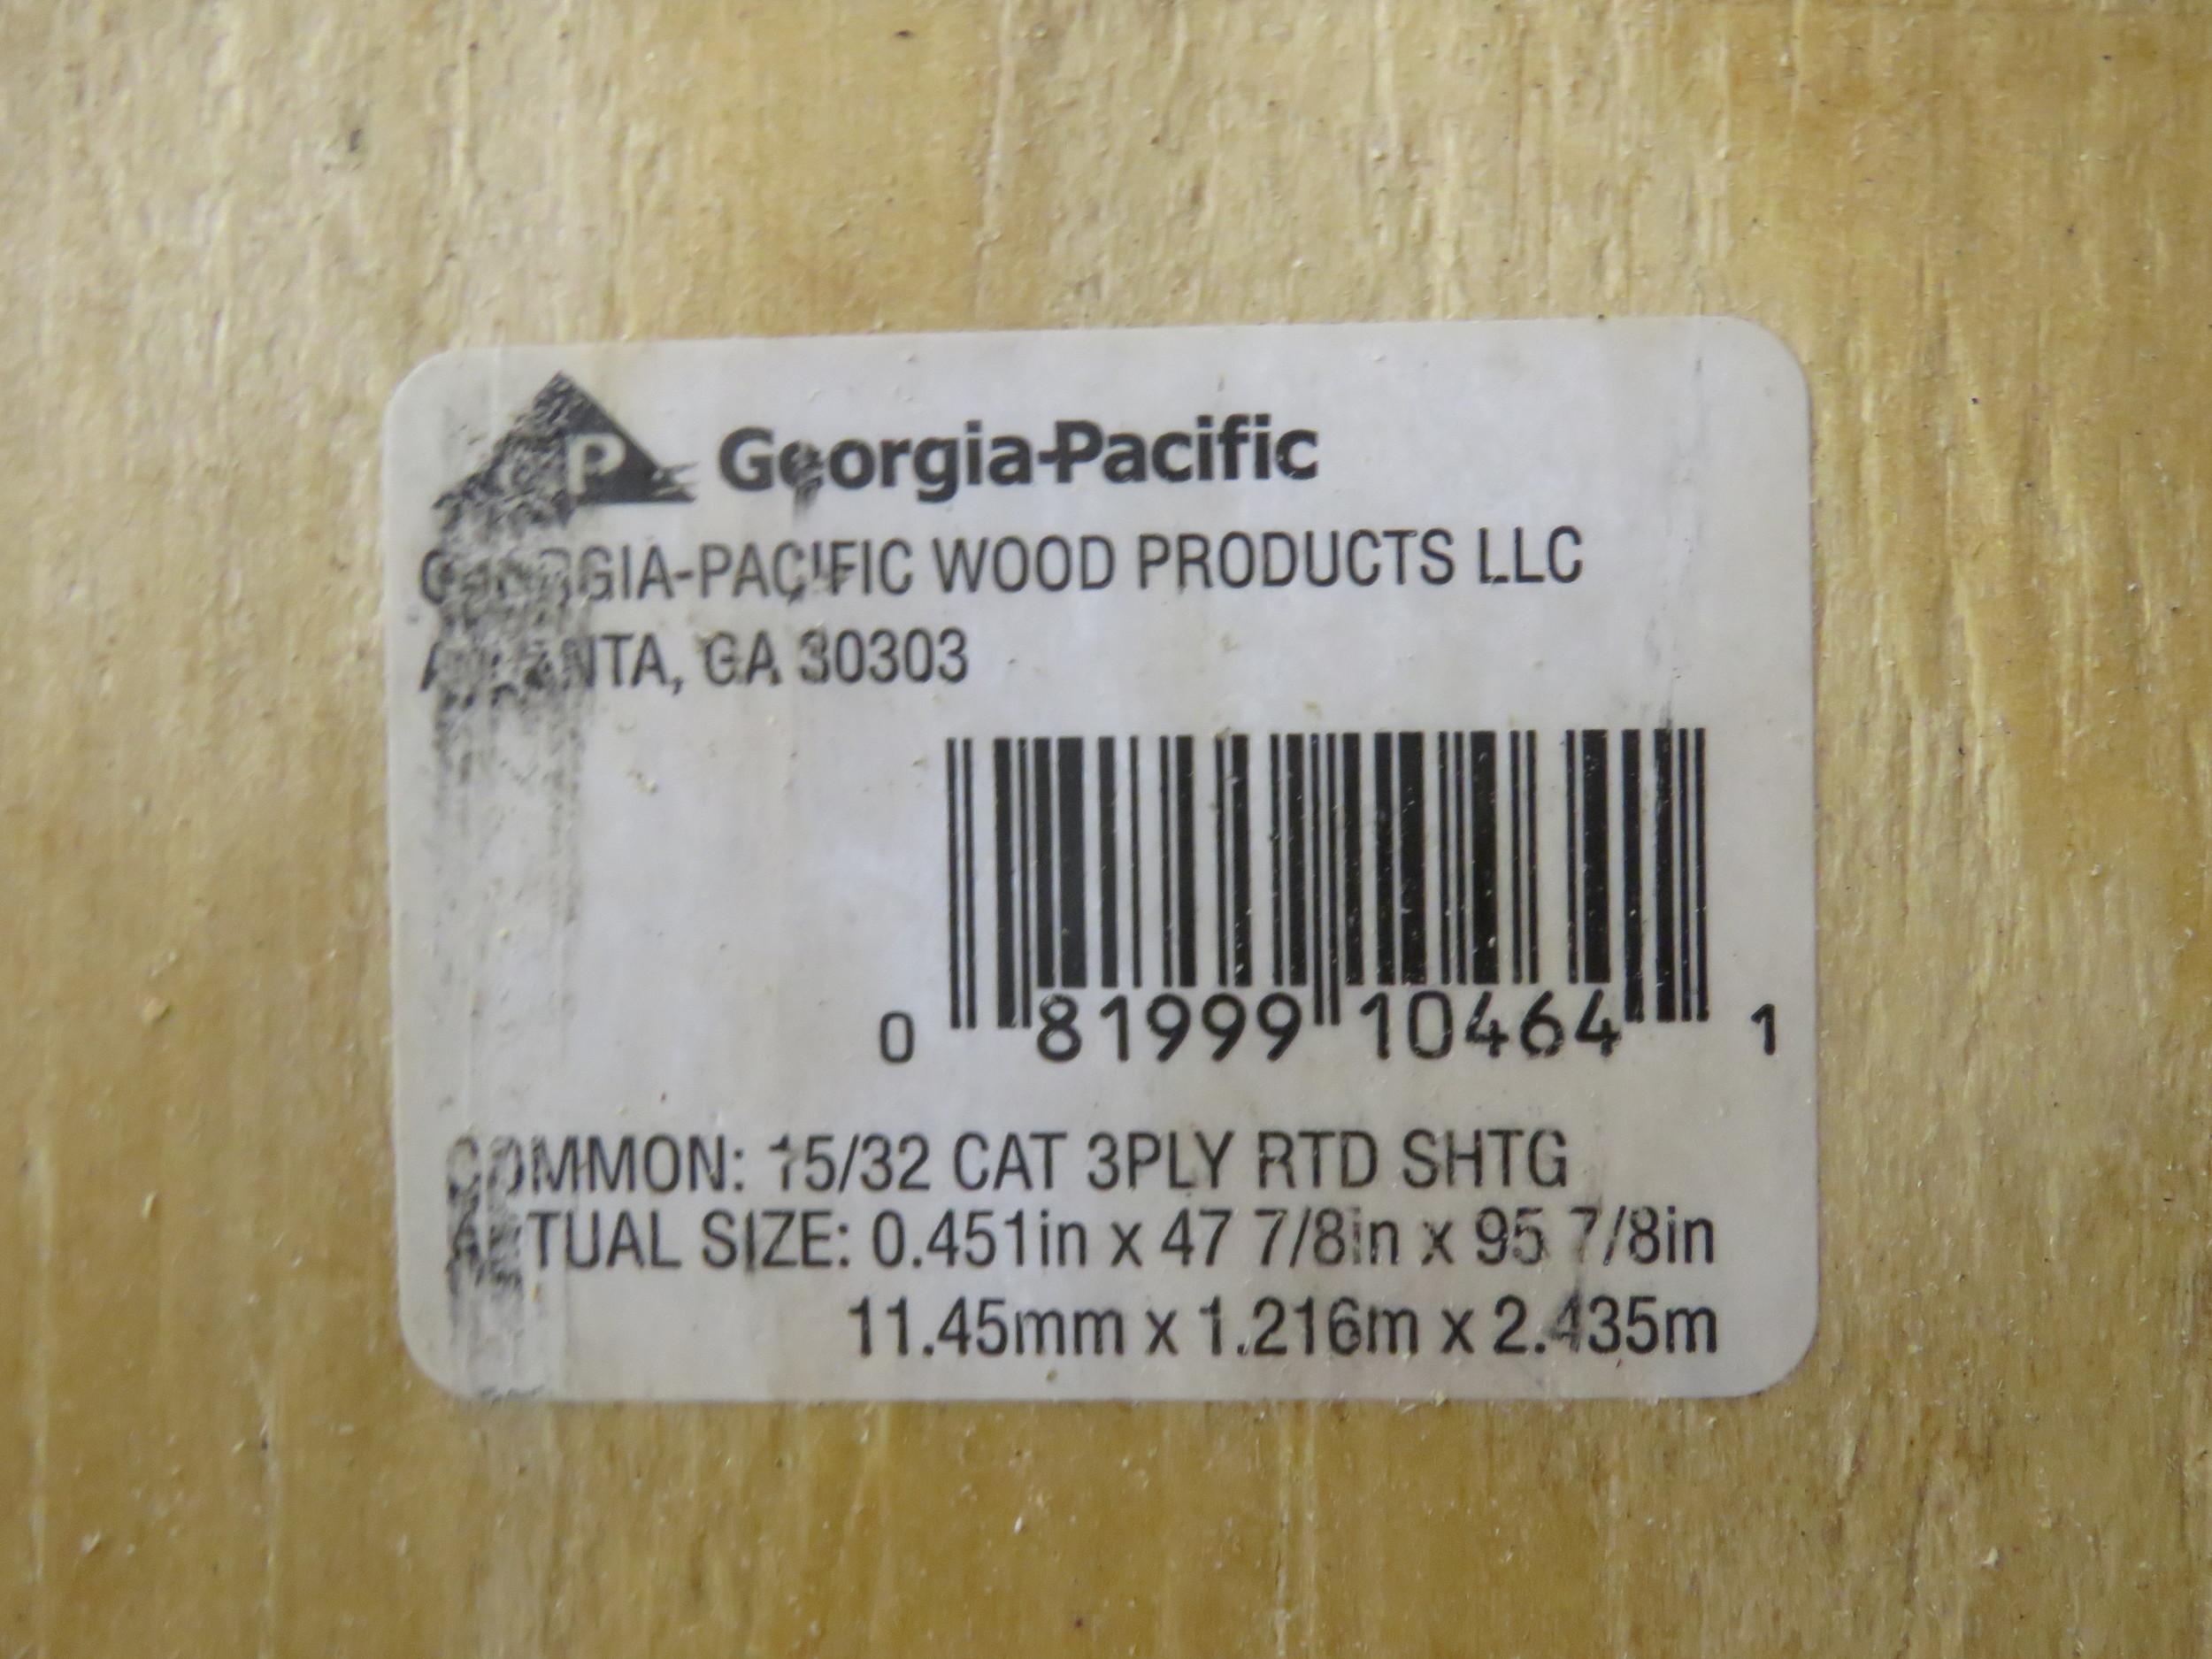 Plywood sheathing Label.